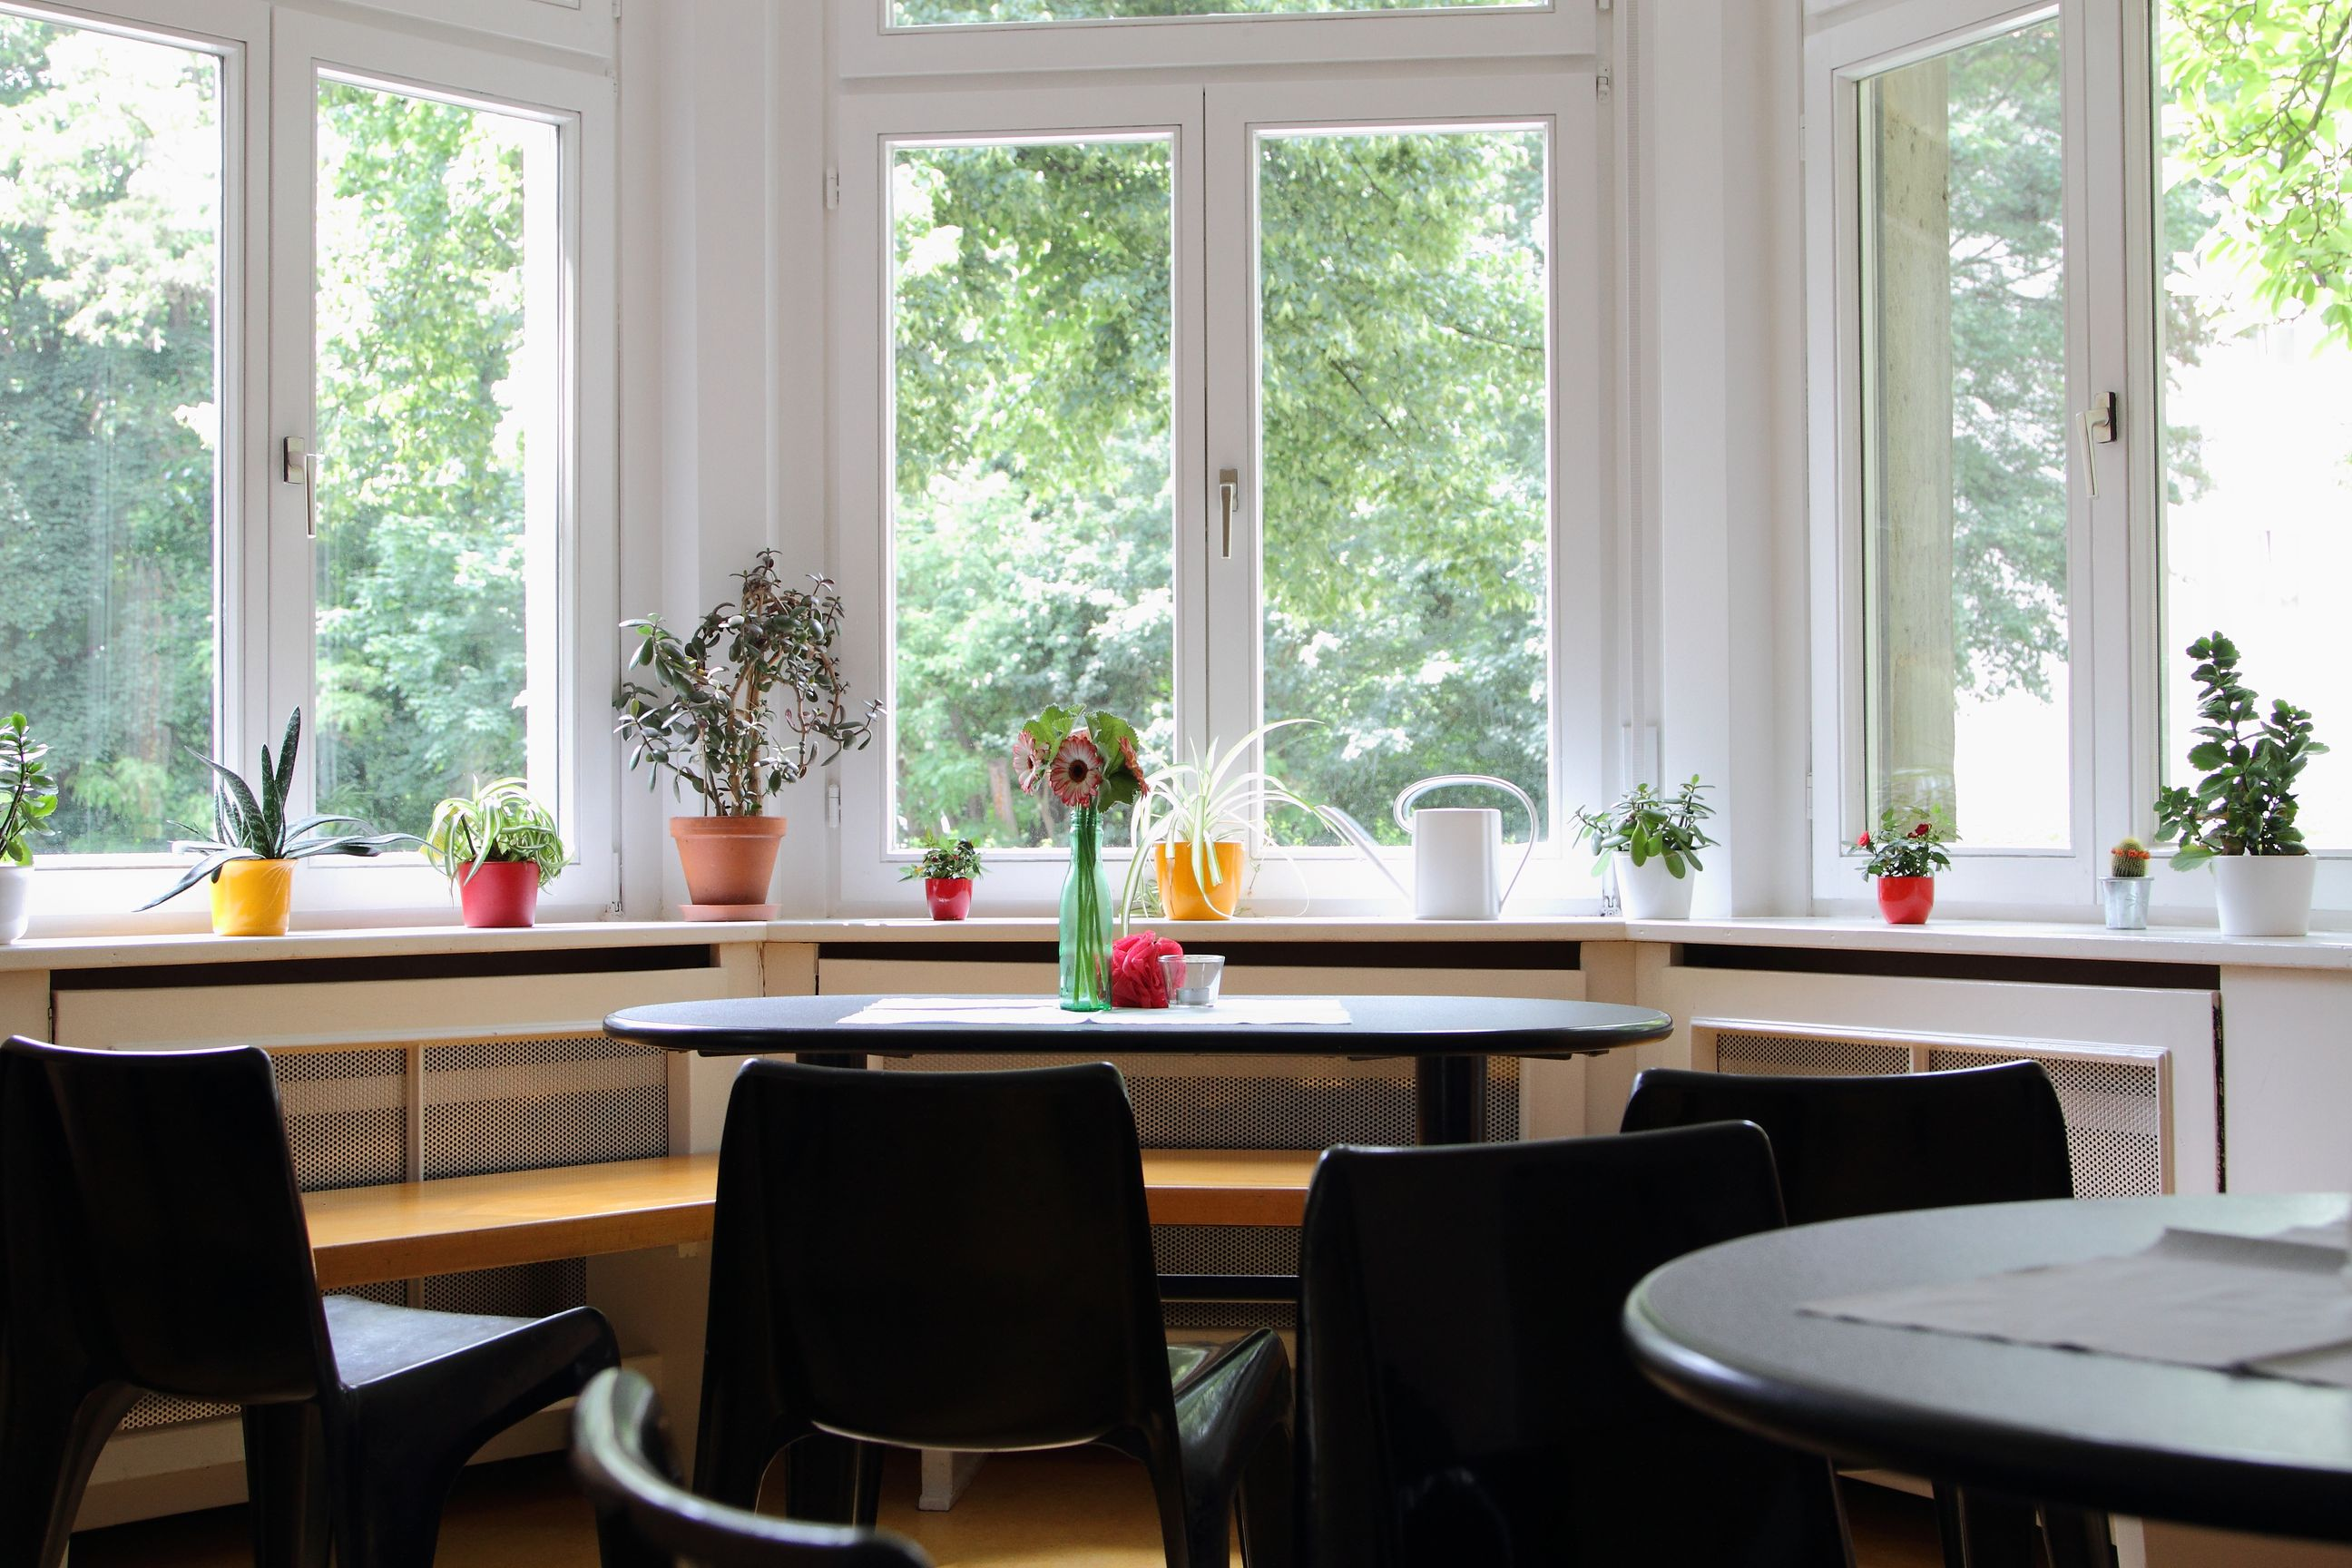 Mehrzweckbereich mit Stühlen, Tischen und Fensterfront